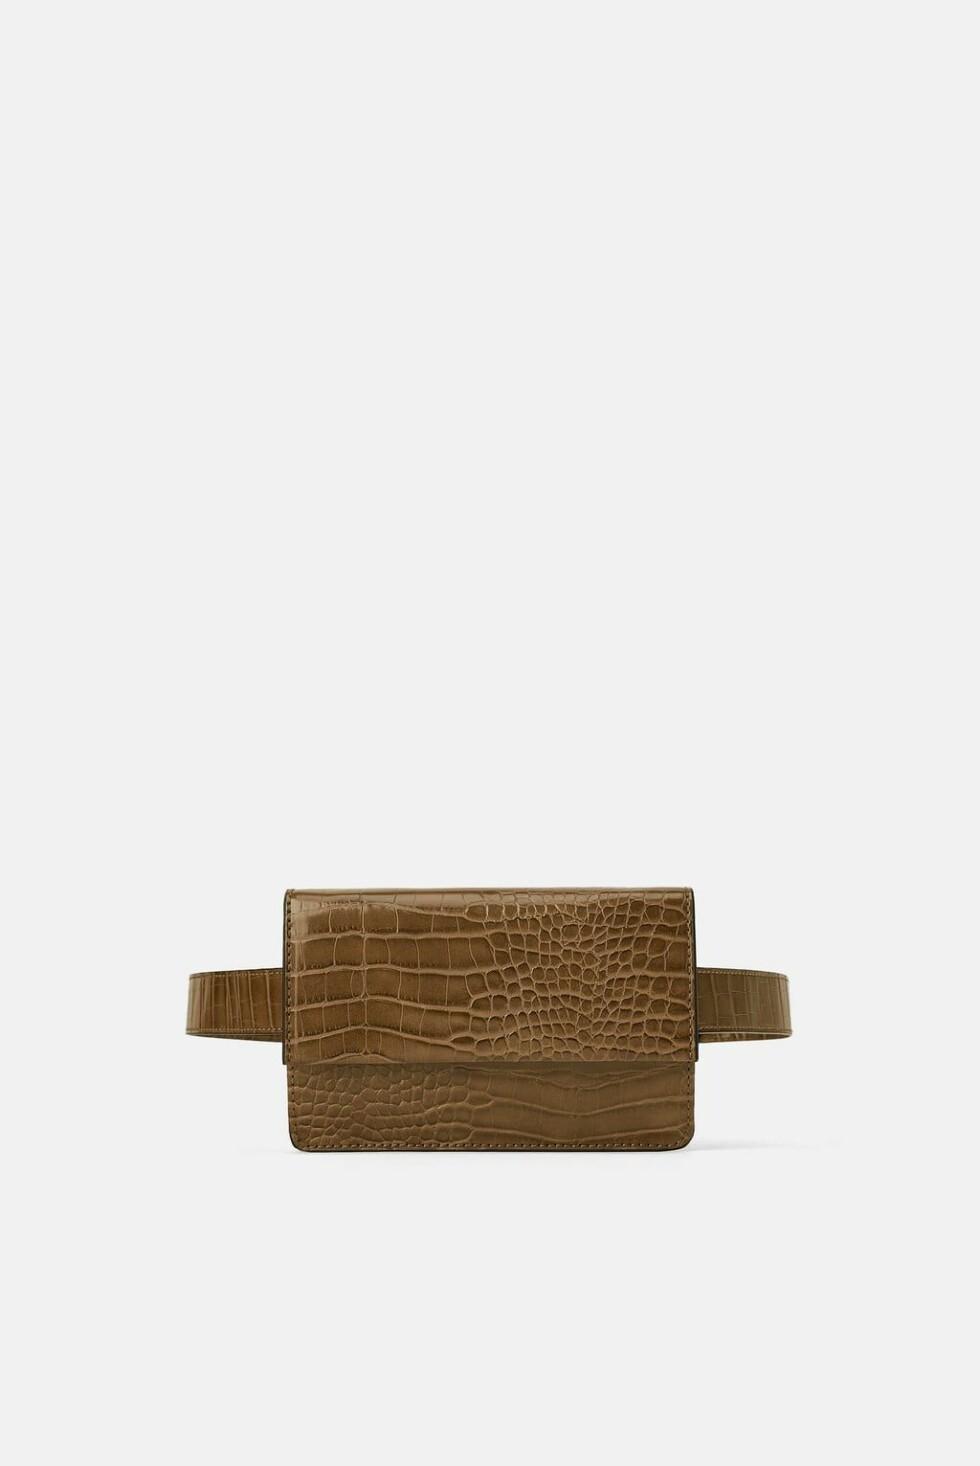 Rumpetaske fra Zara |250,-| https://www.zara.com/no/no/rumpetaske-med-skulderrem-og-dyrem%C3%B8nster-p11651004.html?v1=7887506&v2=1074708